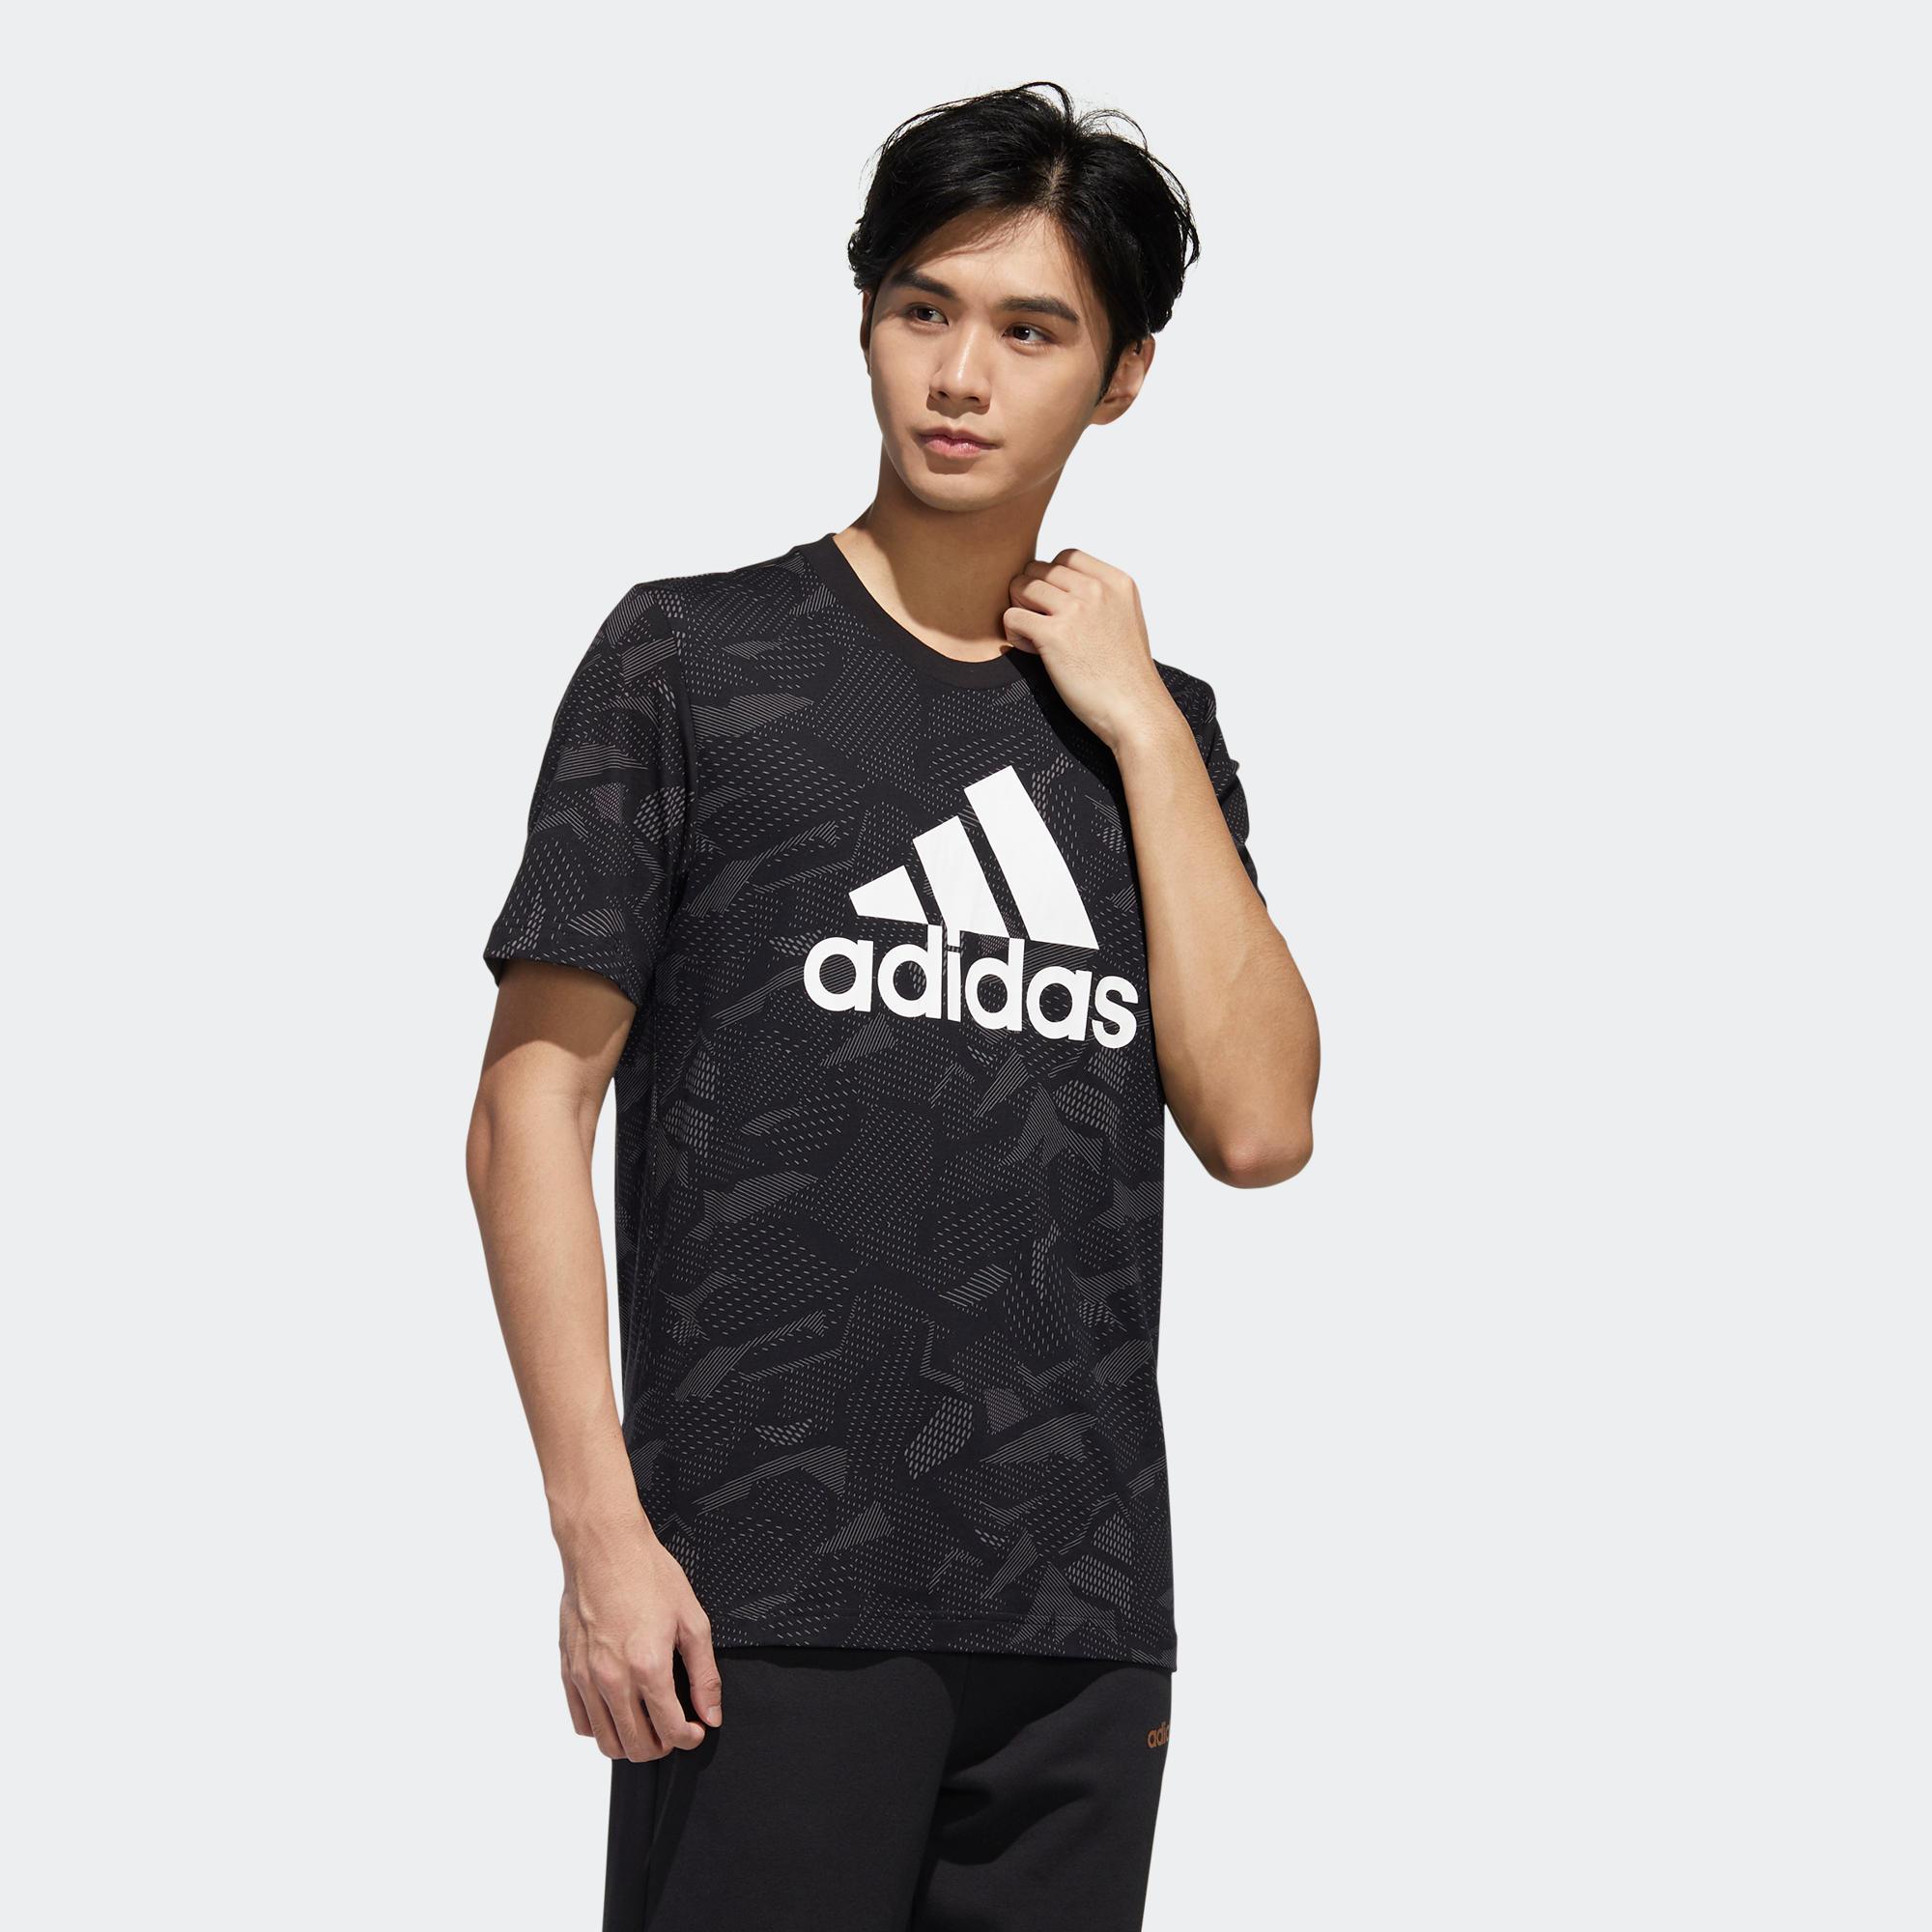 Más que nada Banquete saldar  Camiseta manga corta Adidas hombre regular negro blanco ADIDAS | Decathlon